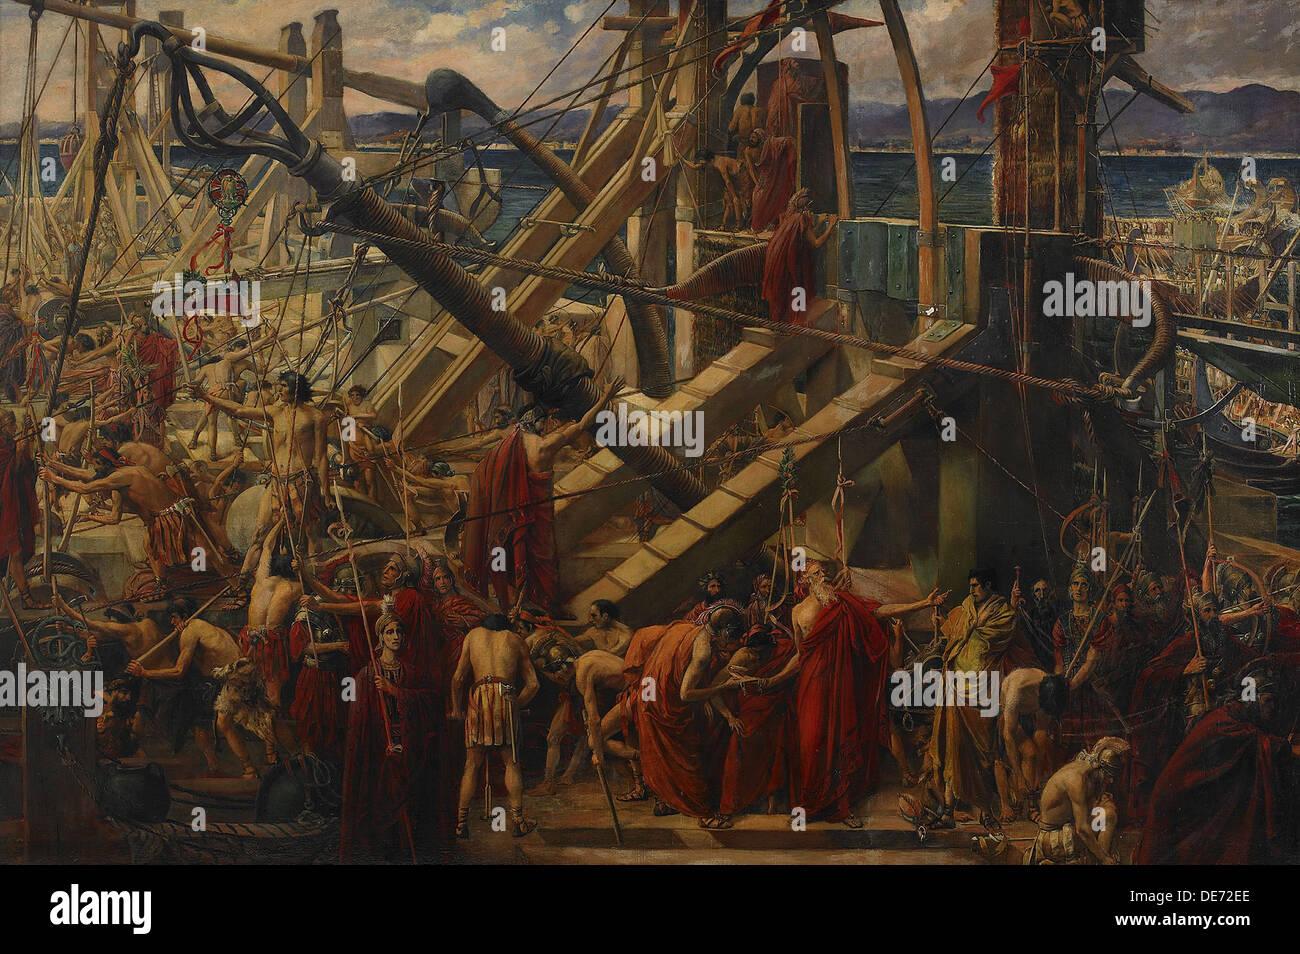 The Siege of Syracuse, 1895. Artist: Spence, Thomas Ralph (1855-1916) - Stock Image